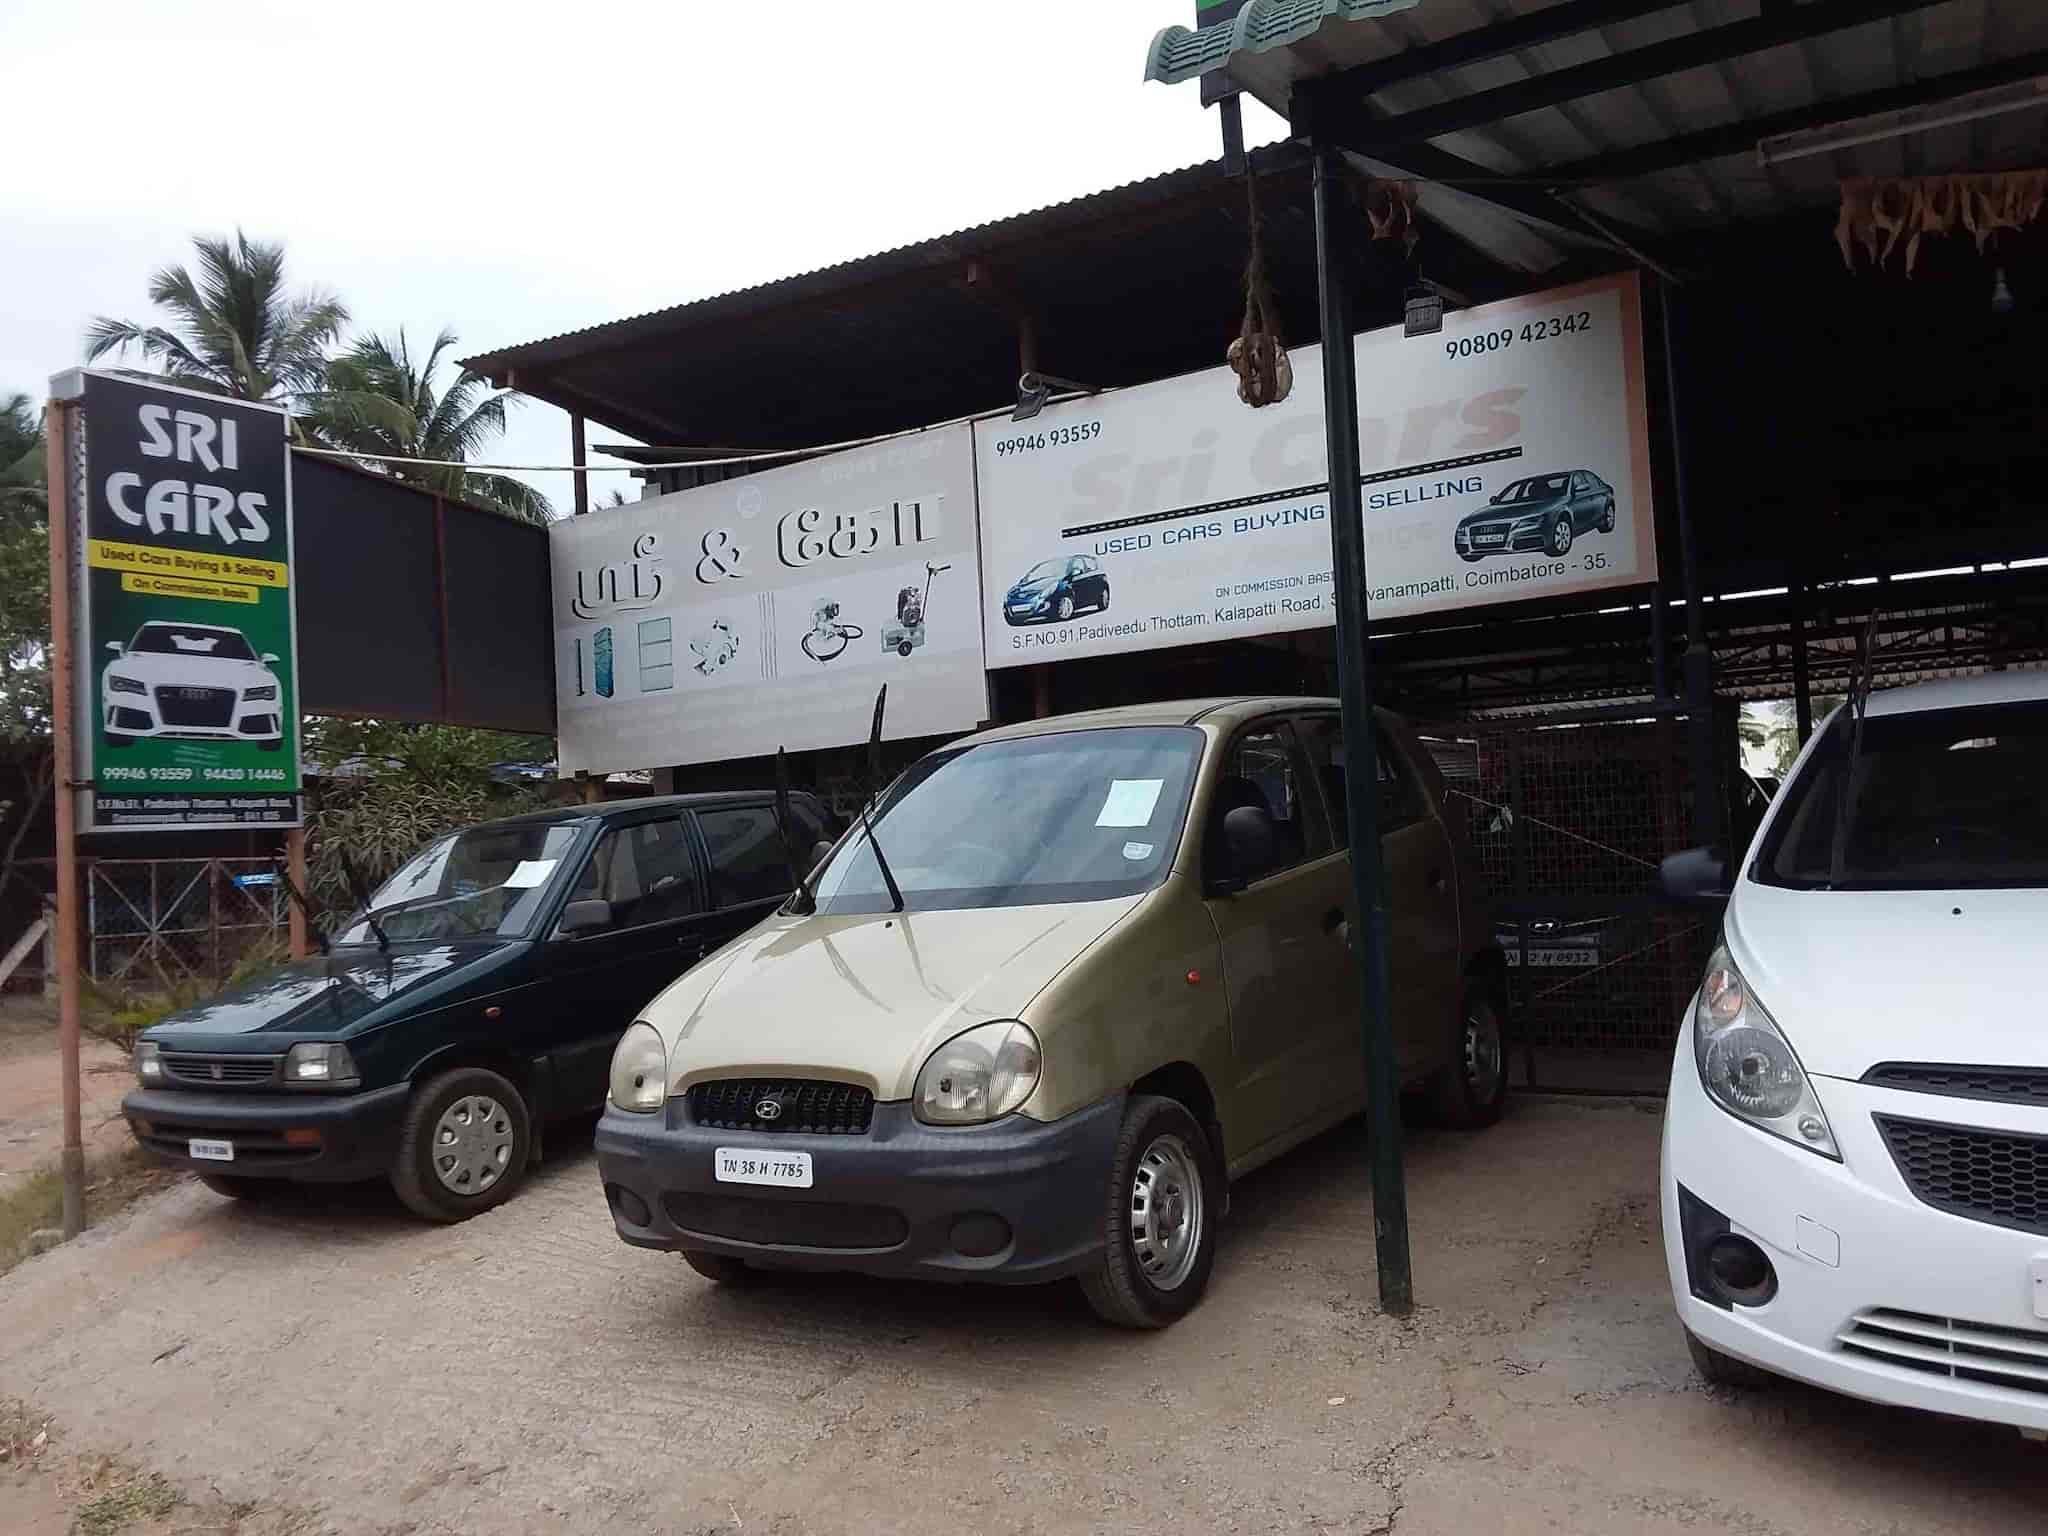 Sri Cars Photos Saravanampatti Coimbatore Pictures Images